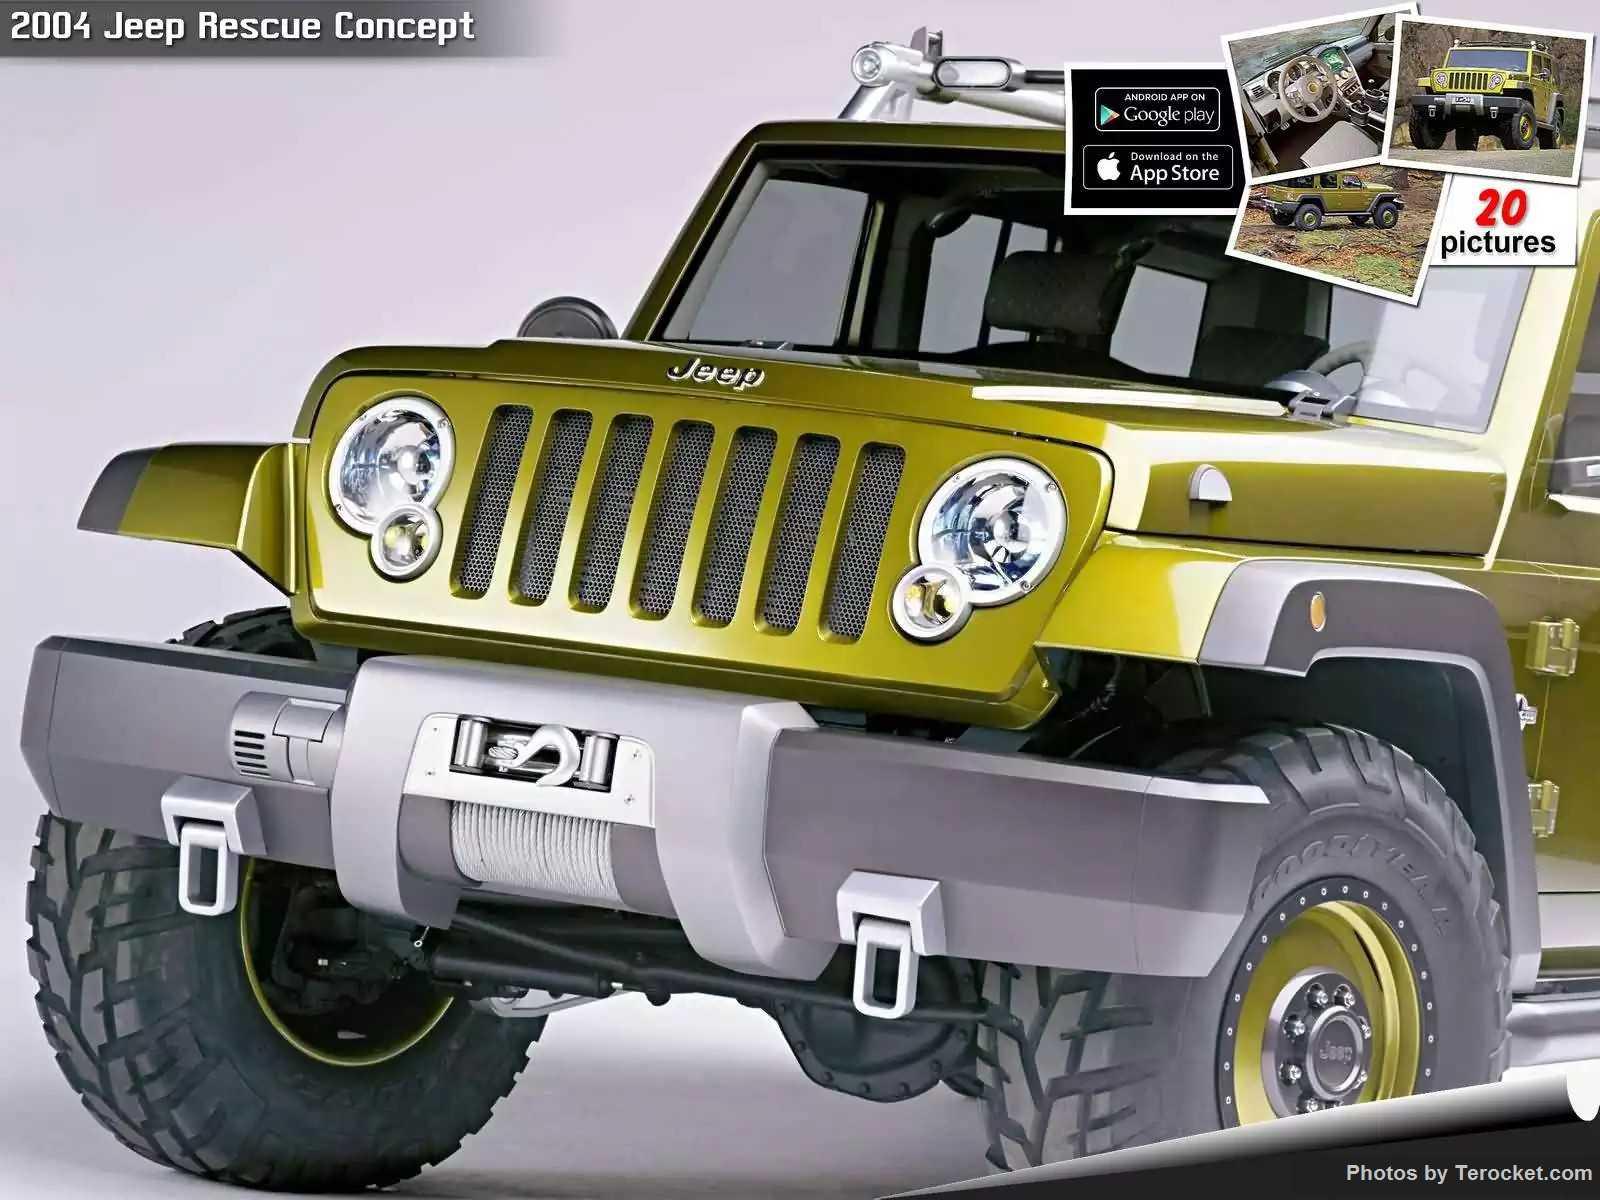 Hình ảnh xe ô tô Jeep Rescue Concept 2004 & nội ngoại thất